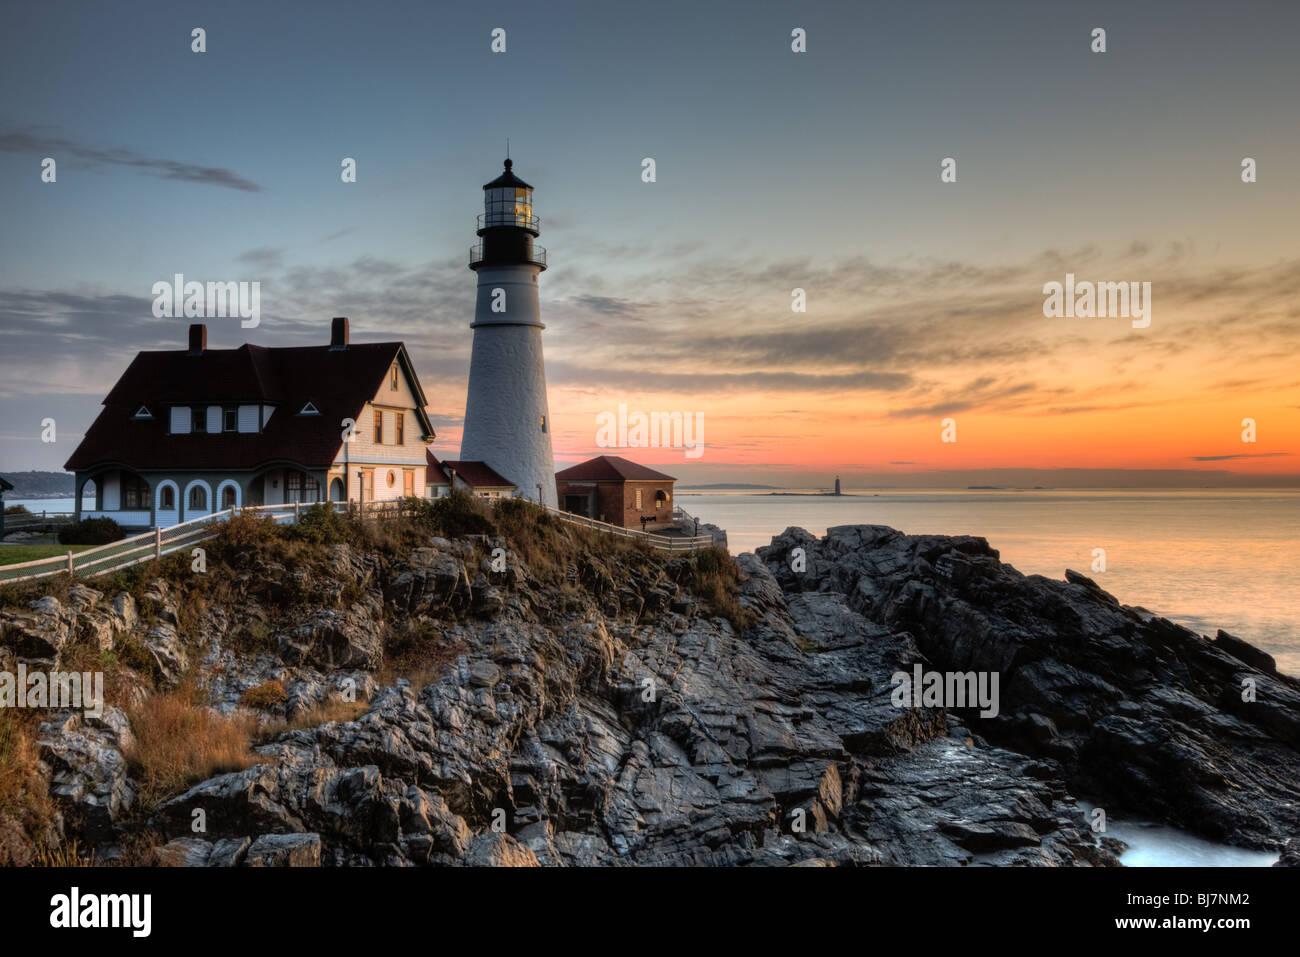 Portland Head Light, che protegge i naviganti entrando di Casco Bay, all'alba. Il faro di Cape Elizabeth, Maine. Immagini Stock